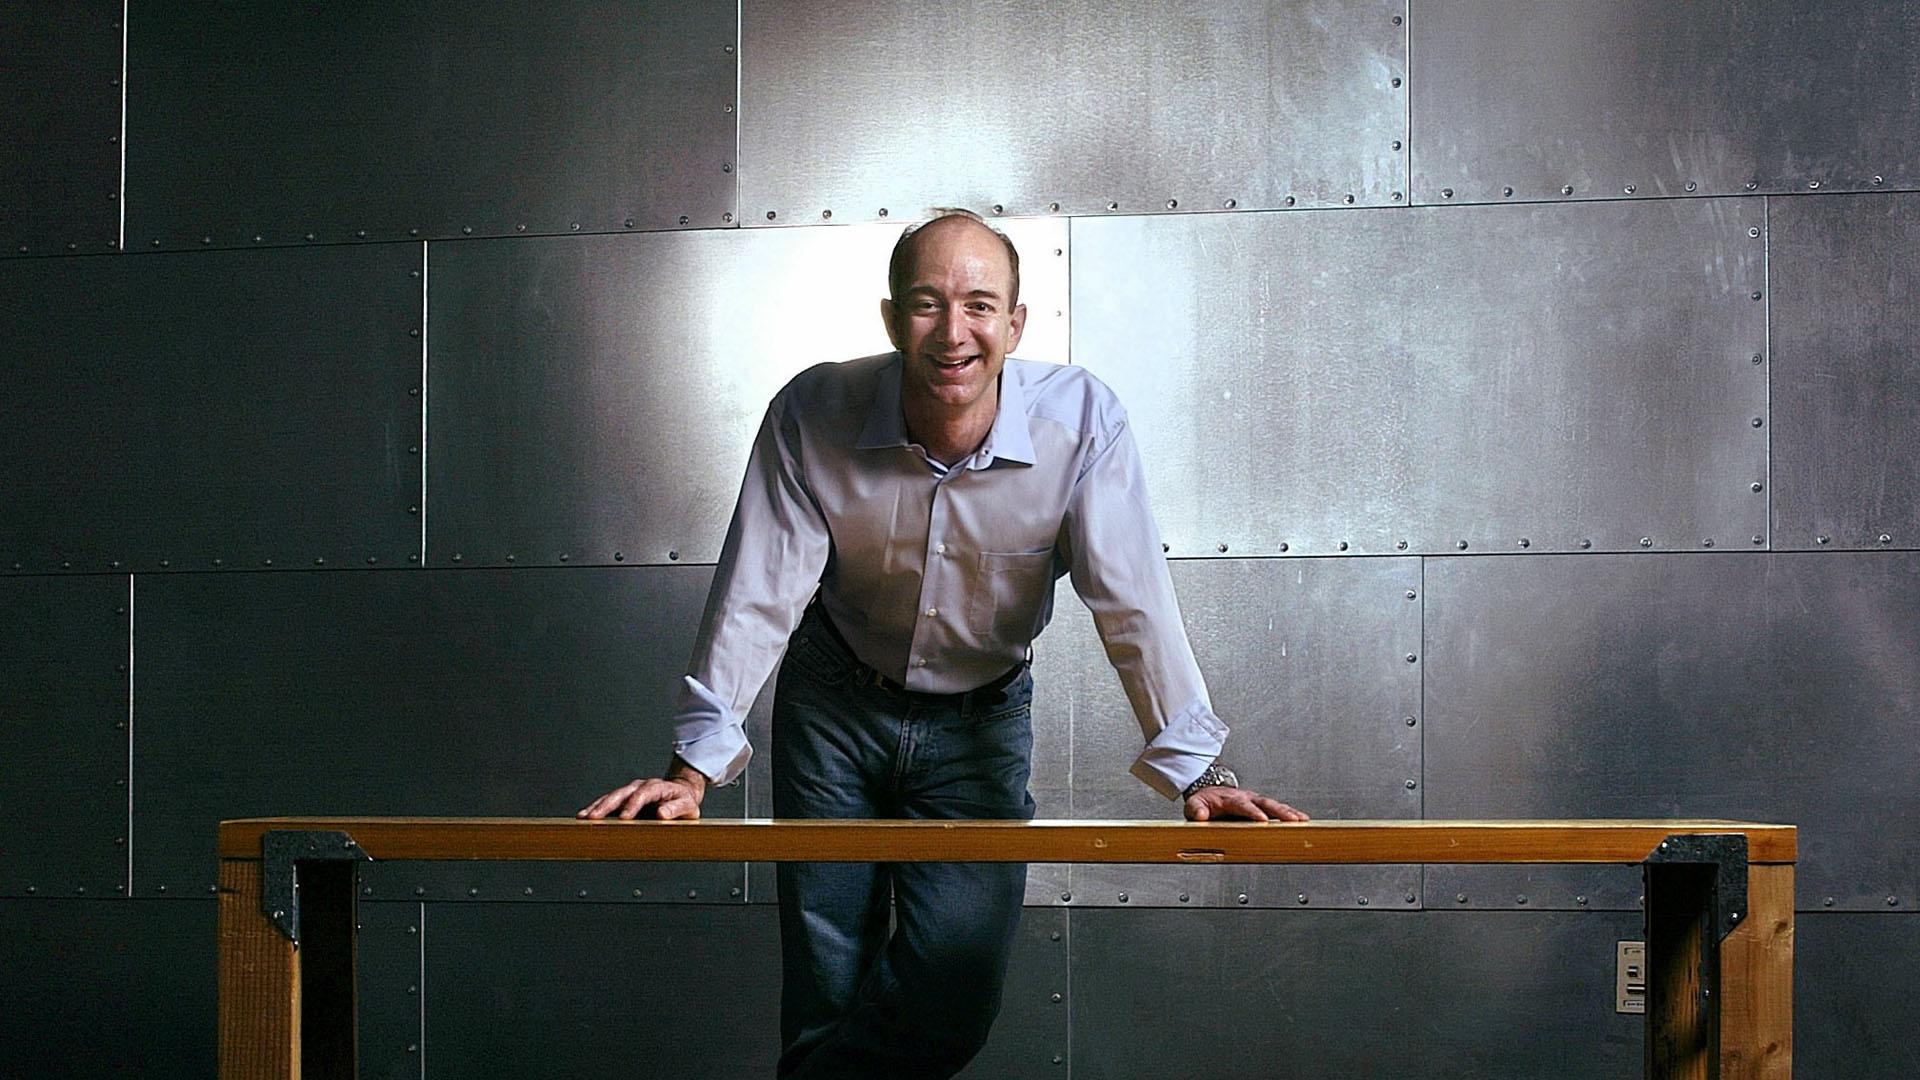 Jeff Bezos quiere conquistar el espacio